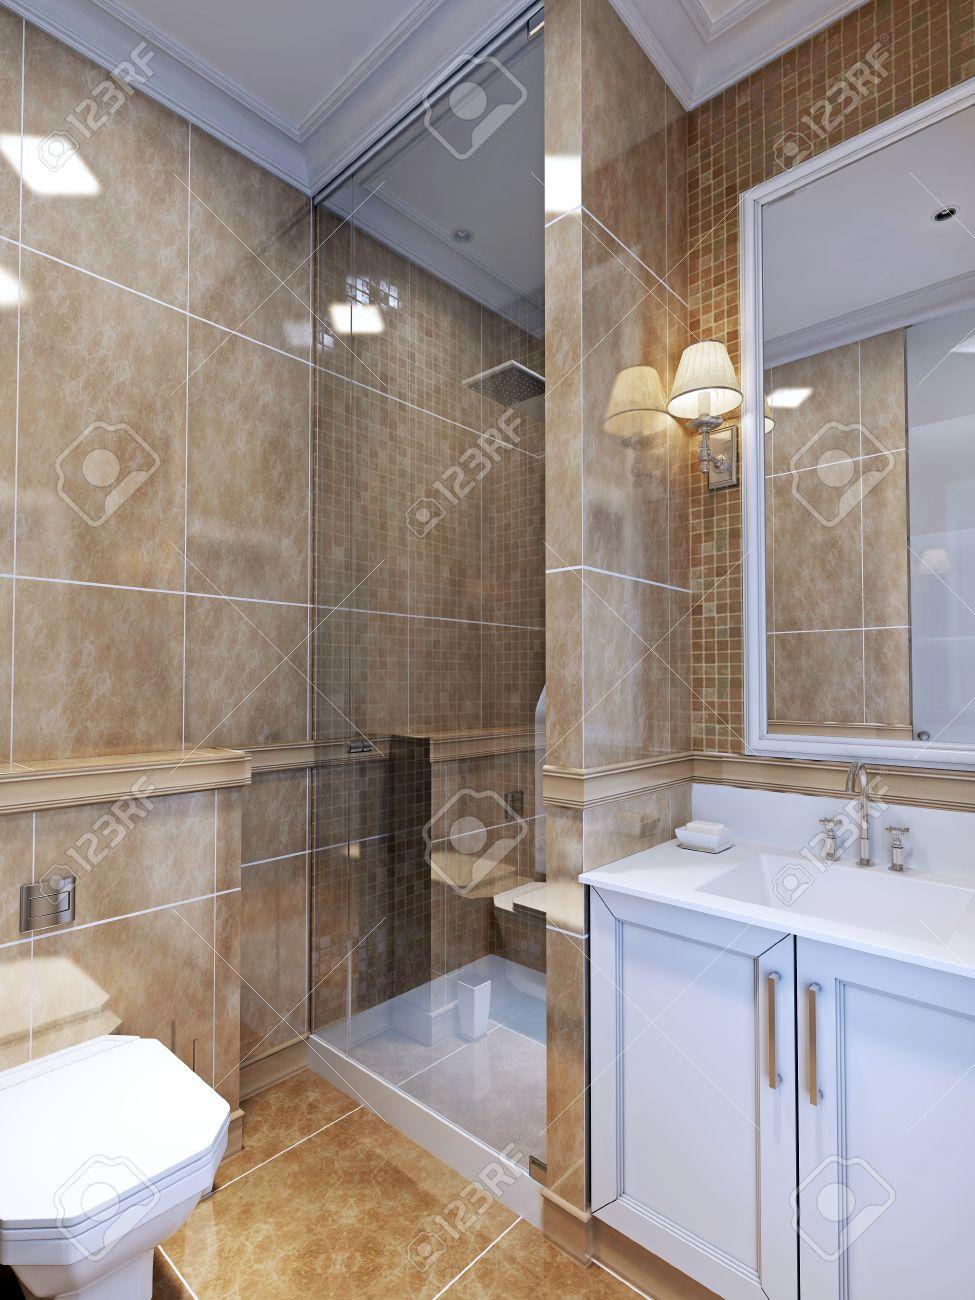 Estilo Deco Baño Arte. Un Cuarto De Baño Completo Que Es De Tamaño ...